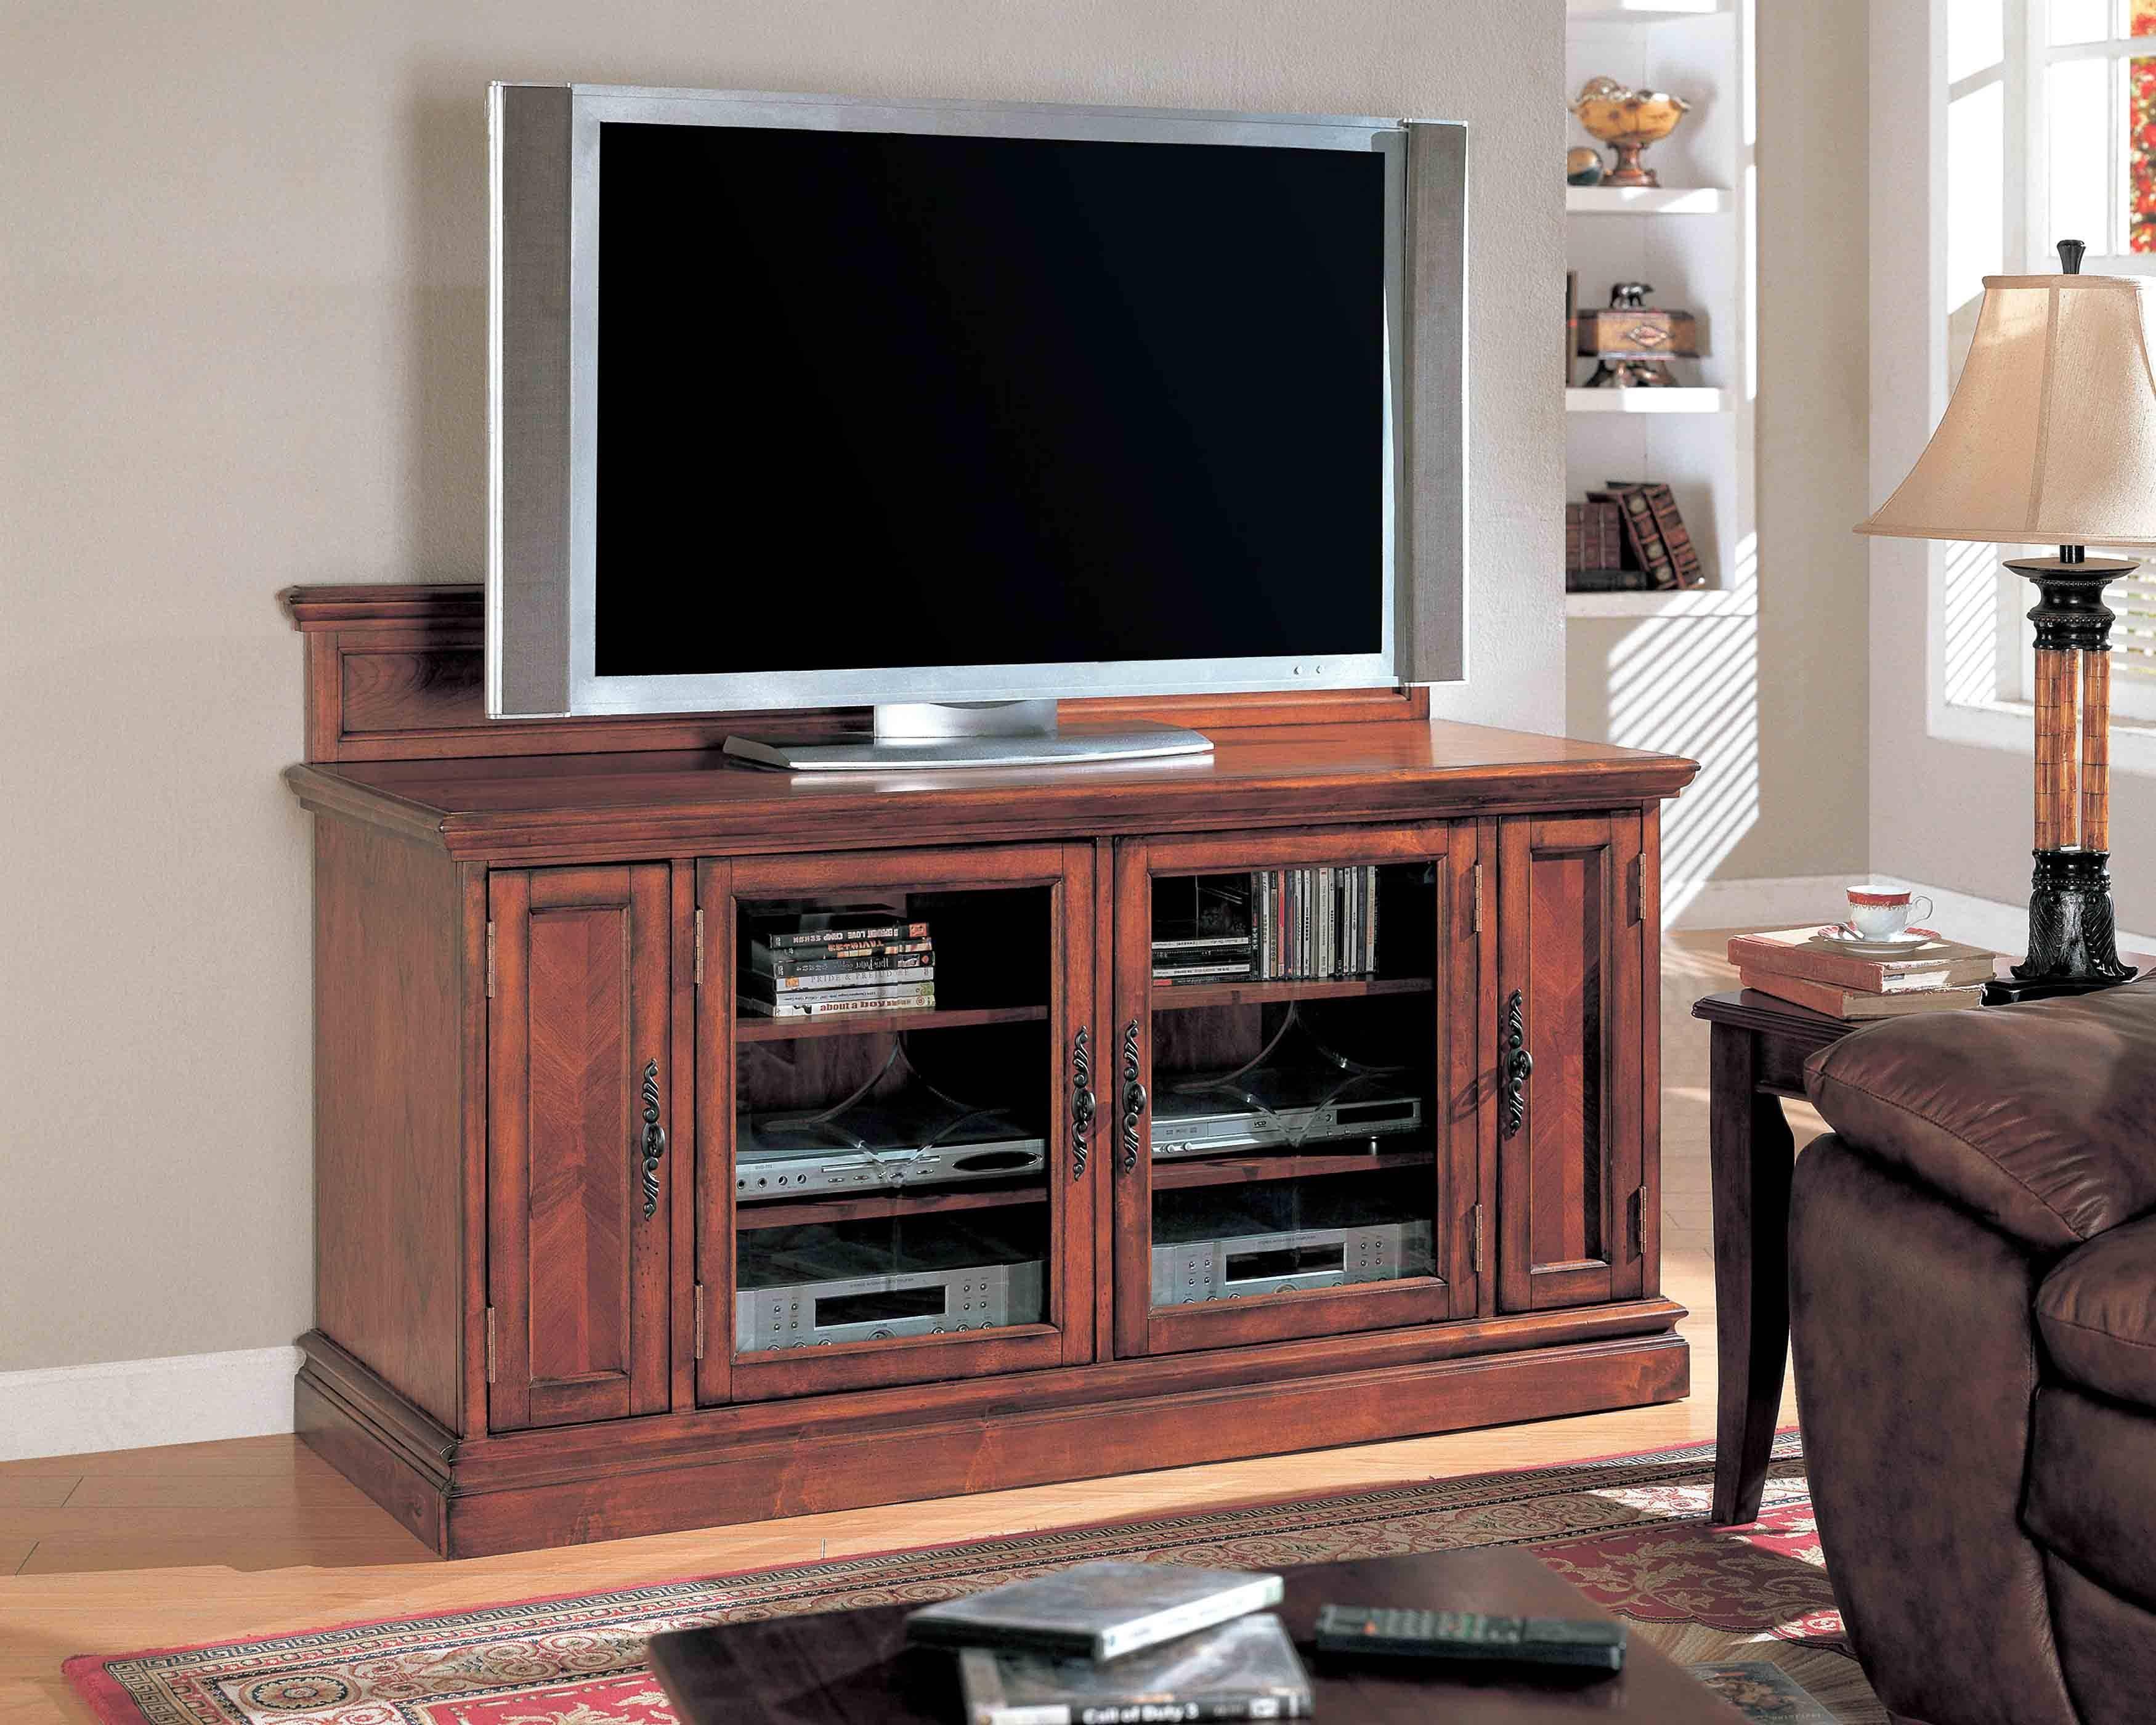 Dark Brown Wooden Tv Cabinet With Glass Doors On The Floor Throughout Wooden Tv Cabinets With Glass Doors (View 14 of 15)